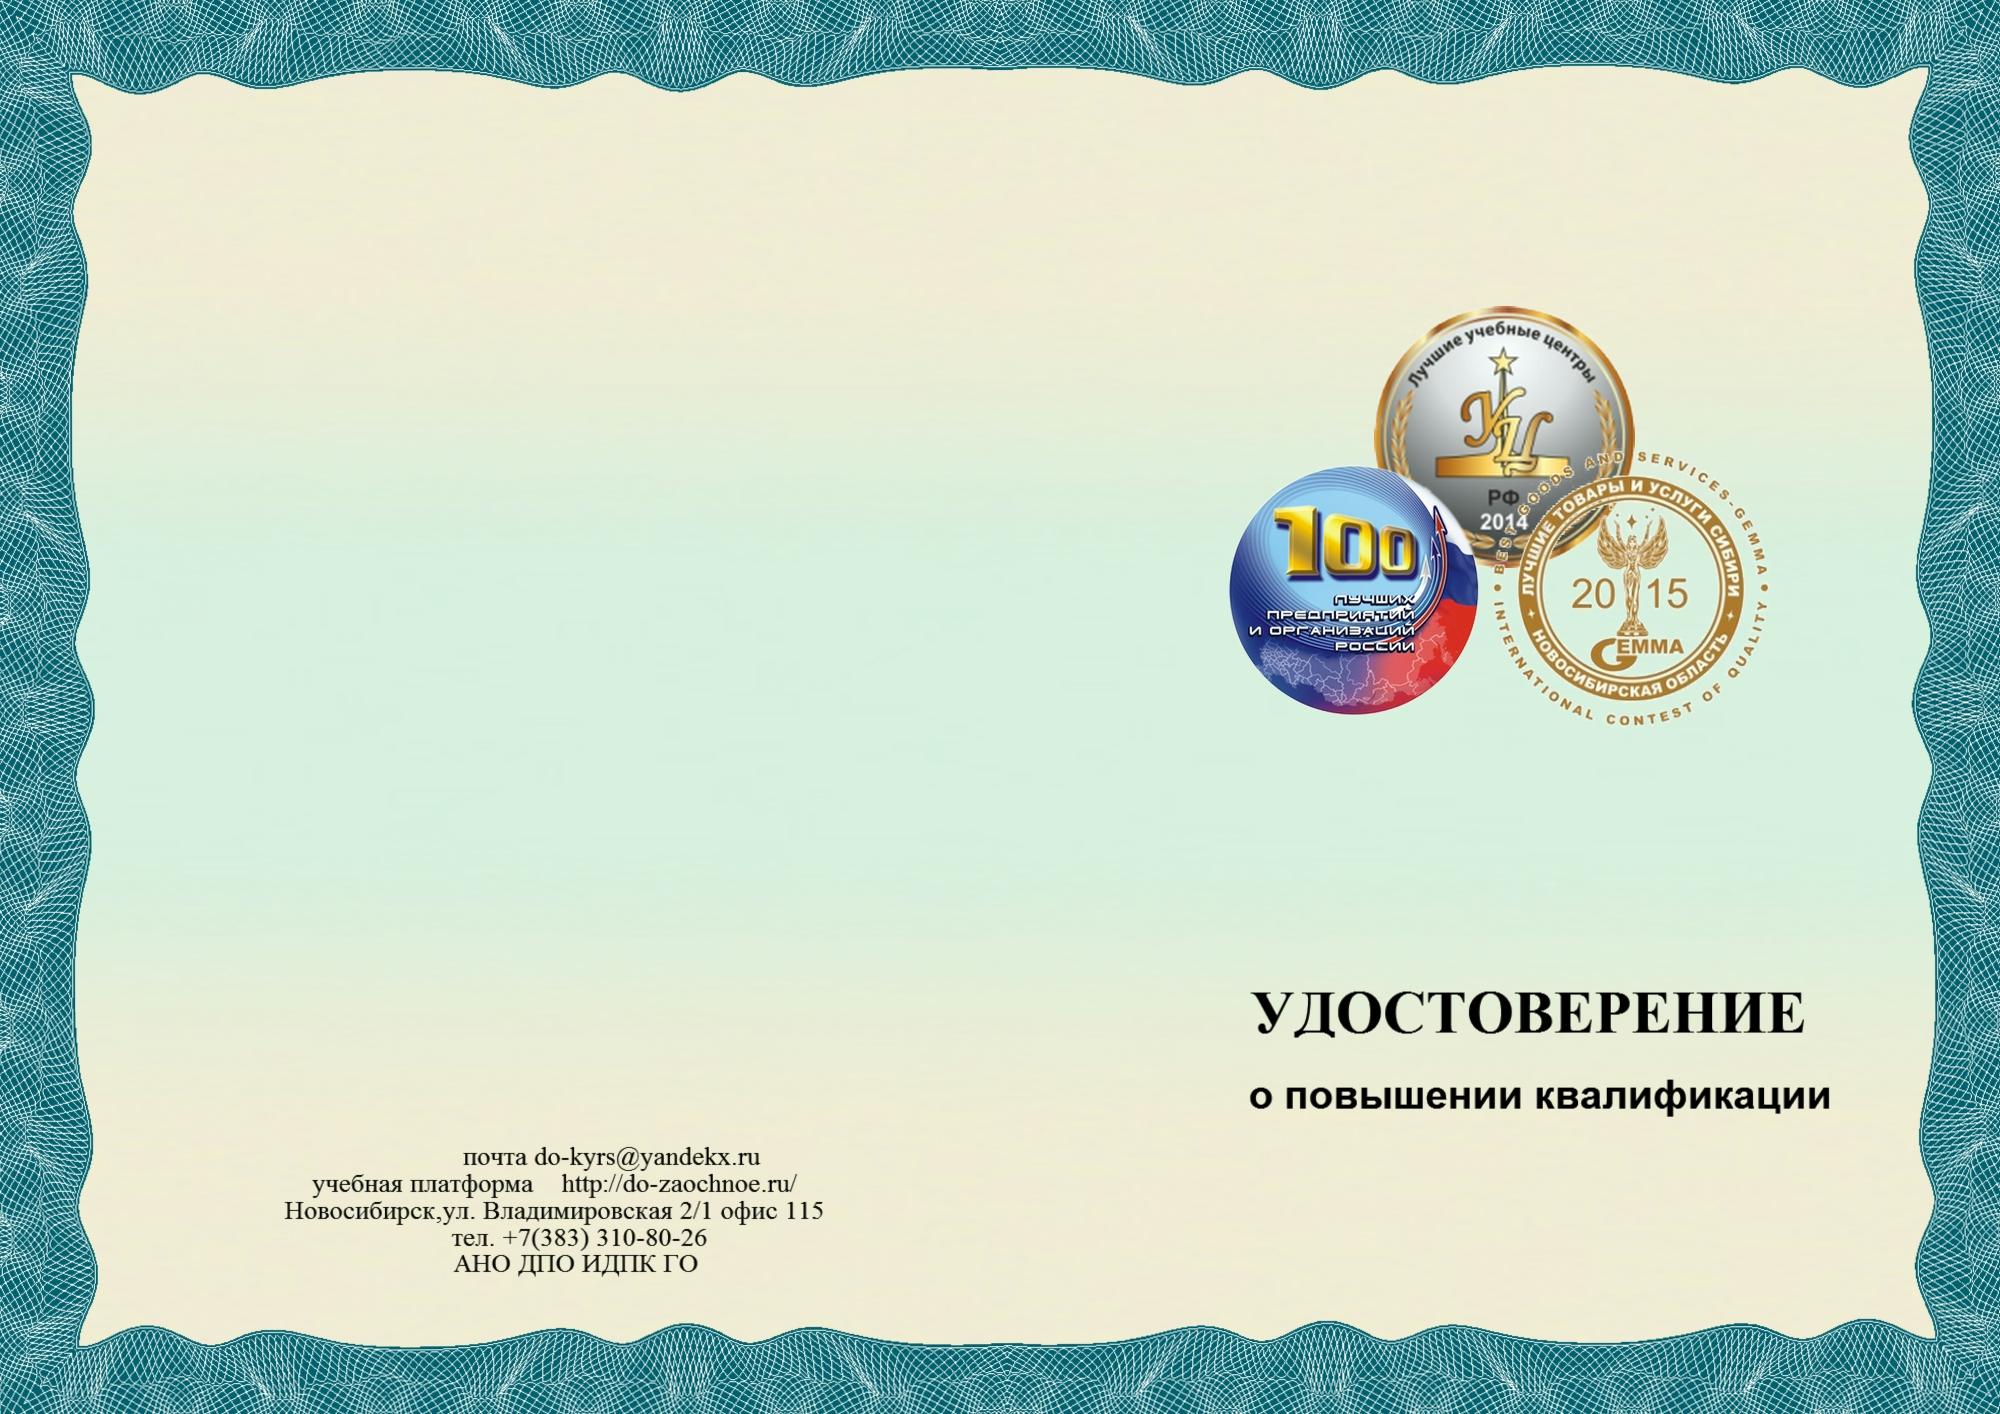 Обложка эл. удостоверения